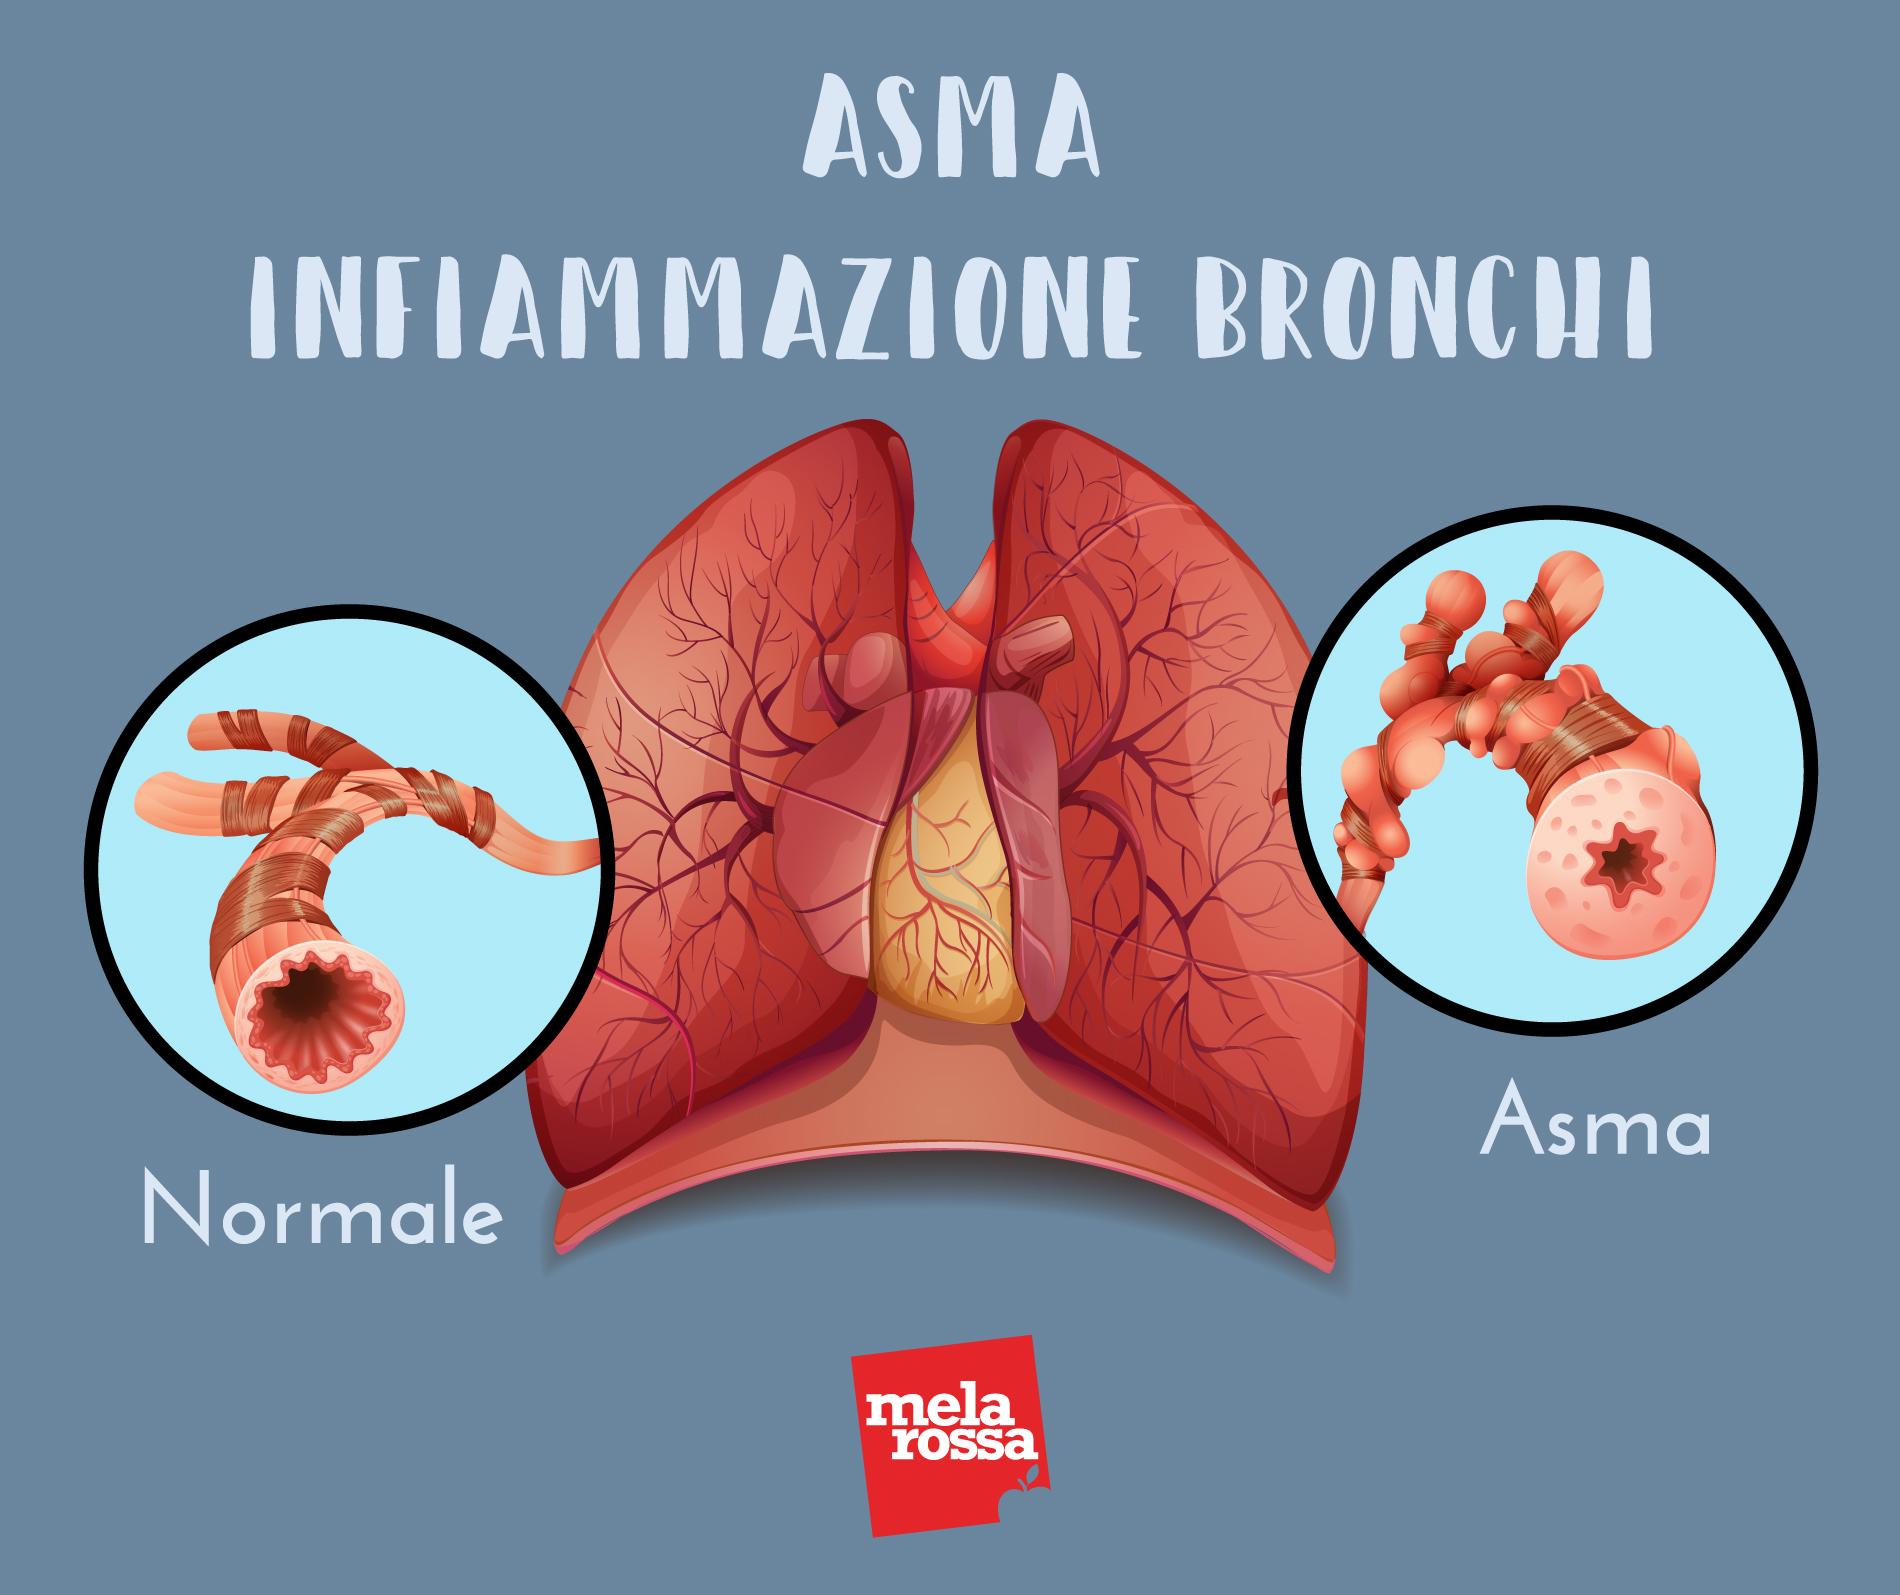 asma: infiammazione bronchi